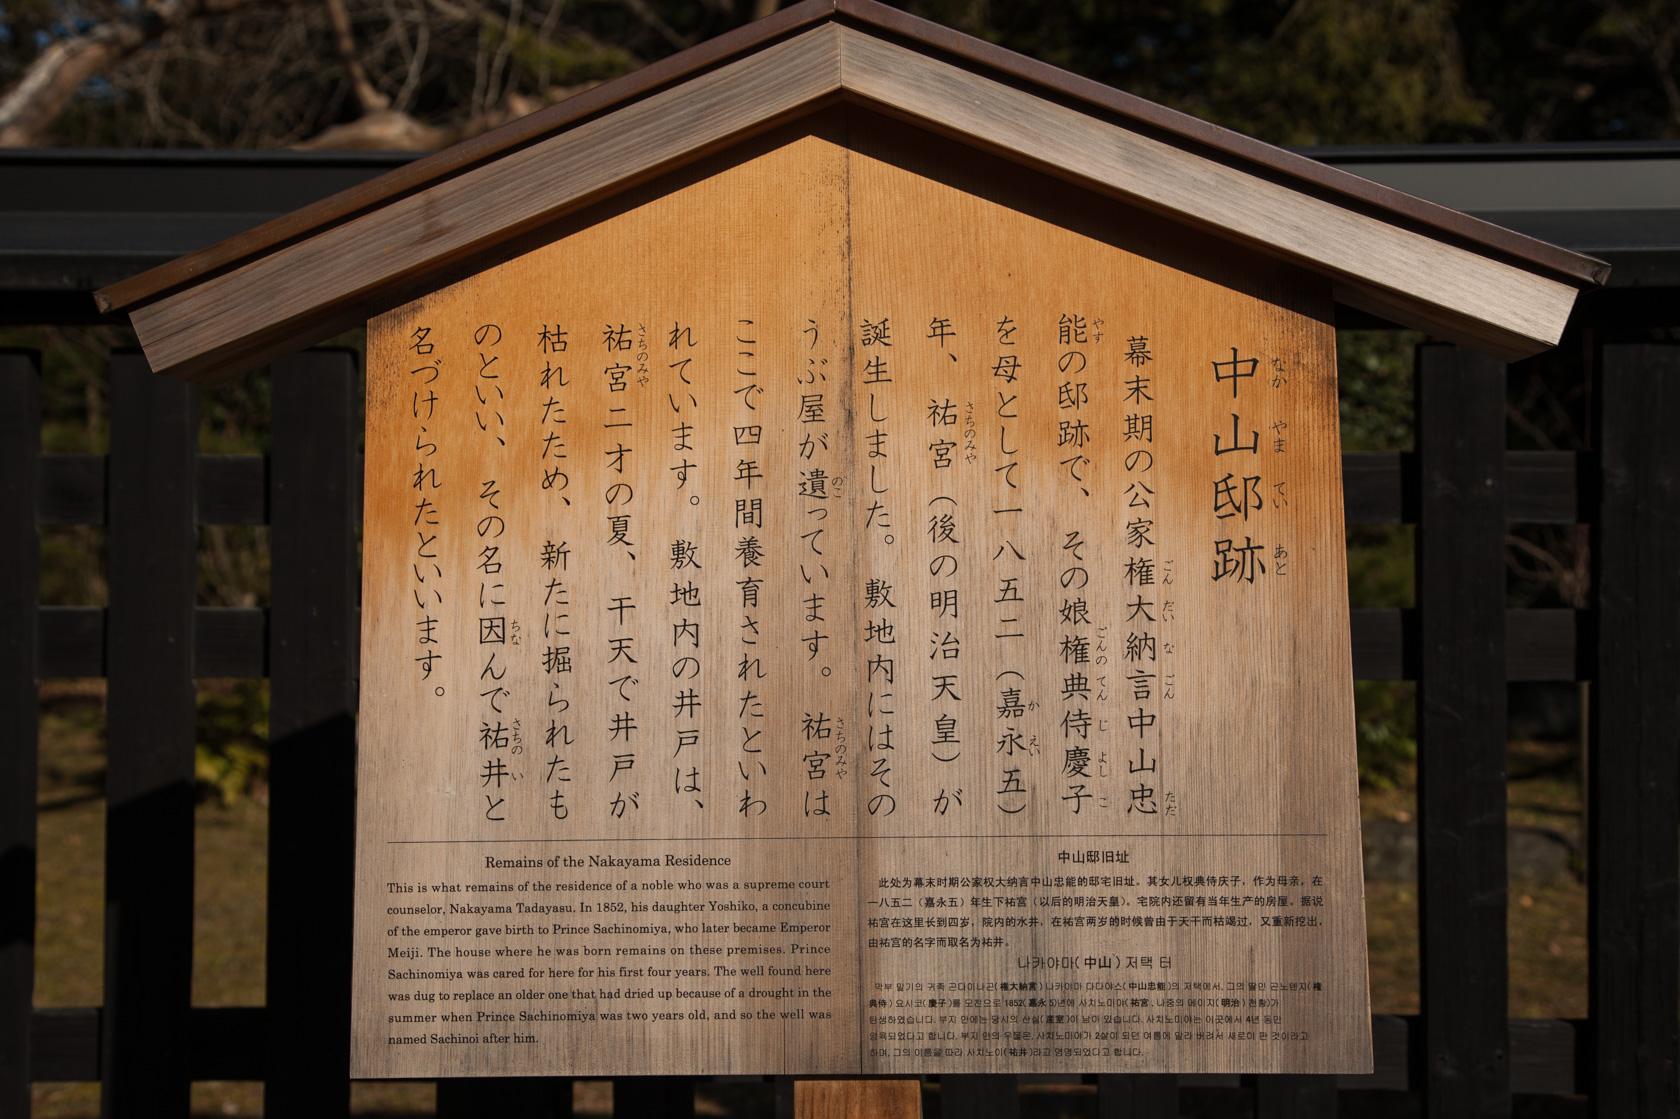 京都御苑 祐ノ井:徘徊の記憶